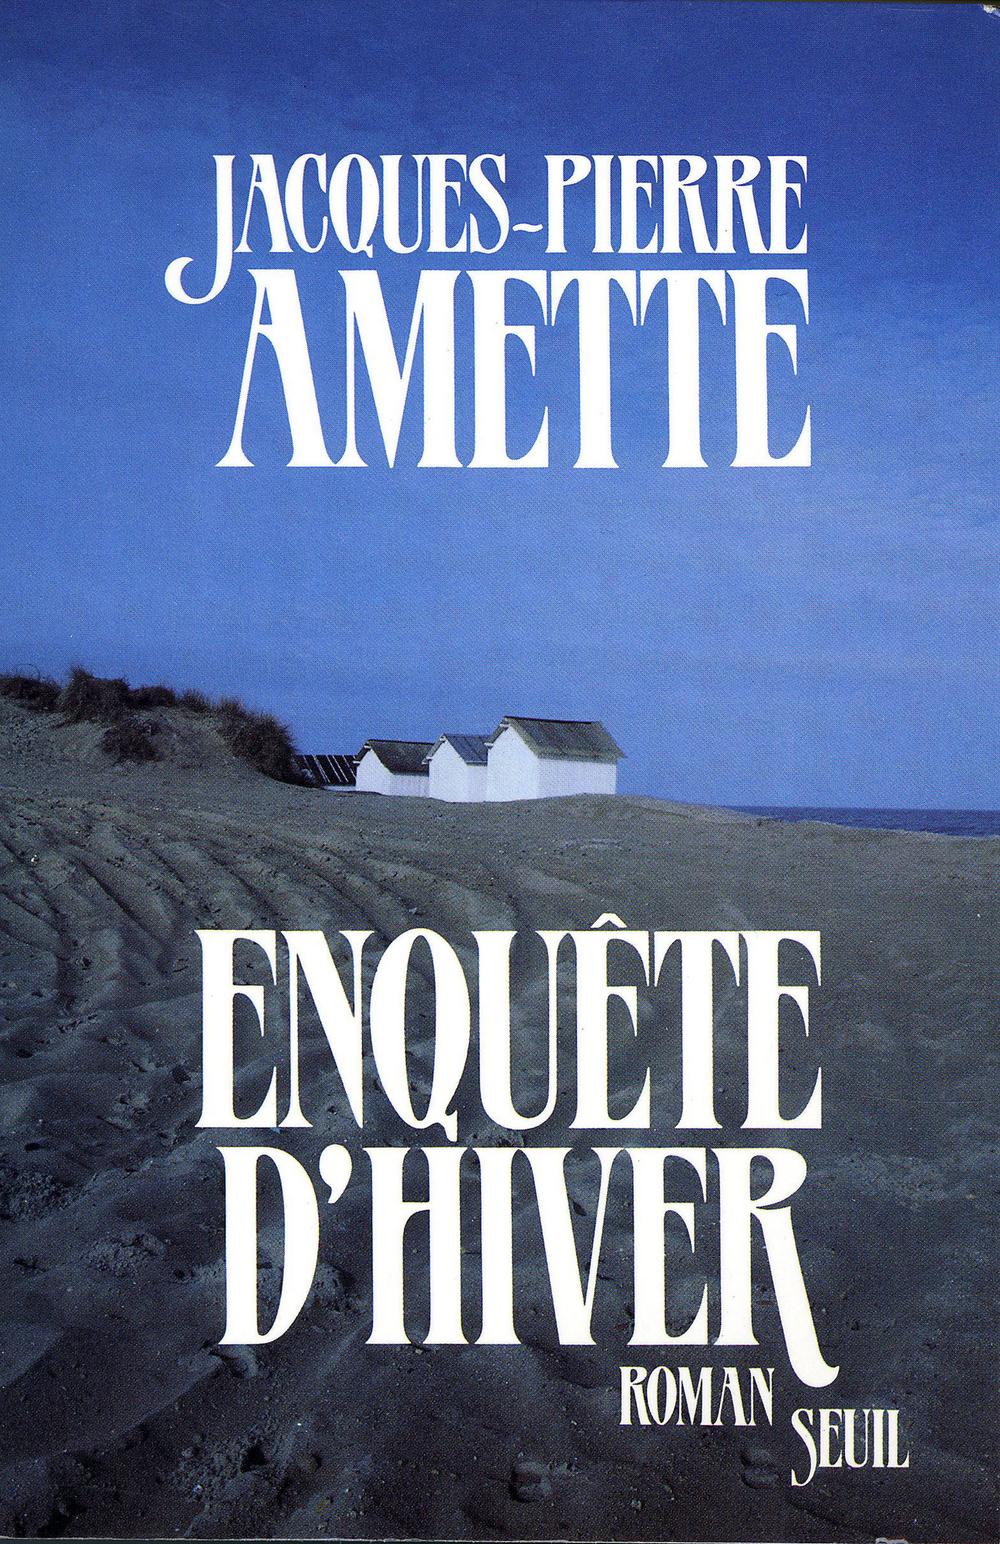 Enquête d'hiver | Amette, Jacques-Pierre